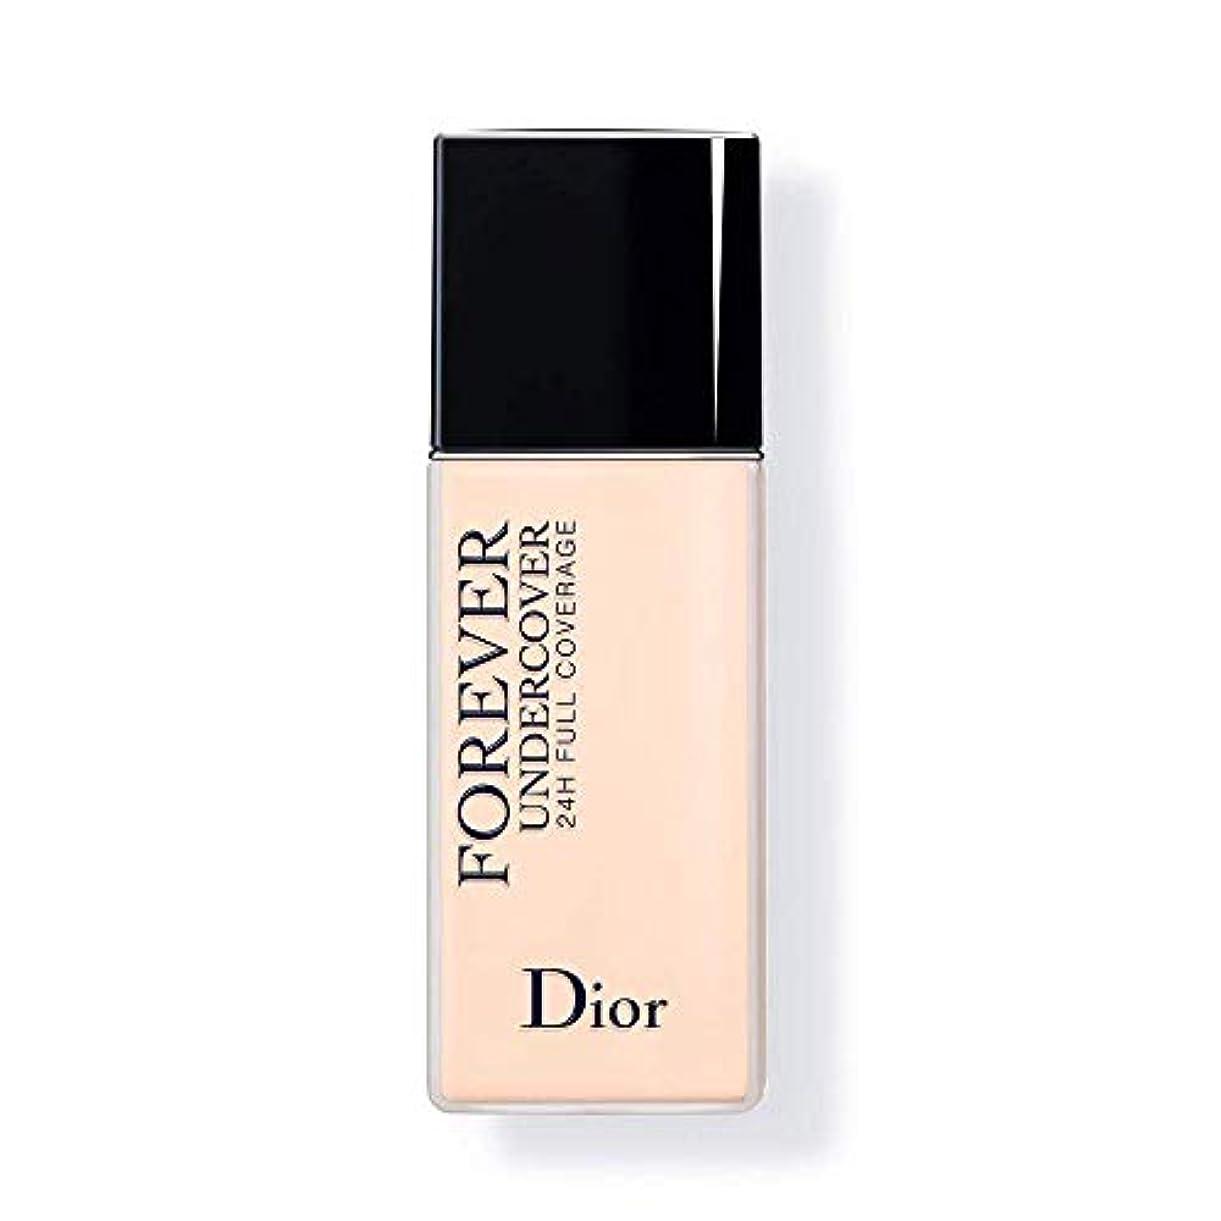 暗殺恥ずかしさ笑Dior ディオール スキン フォーエヴァー アンダーカバー #005【ライト アイボリー】